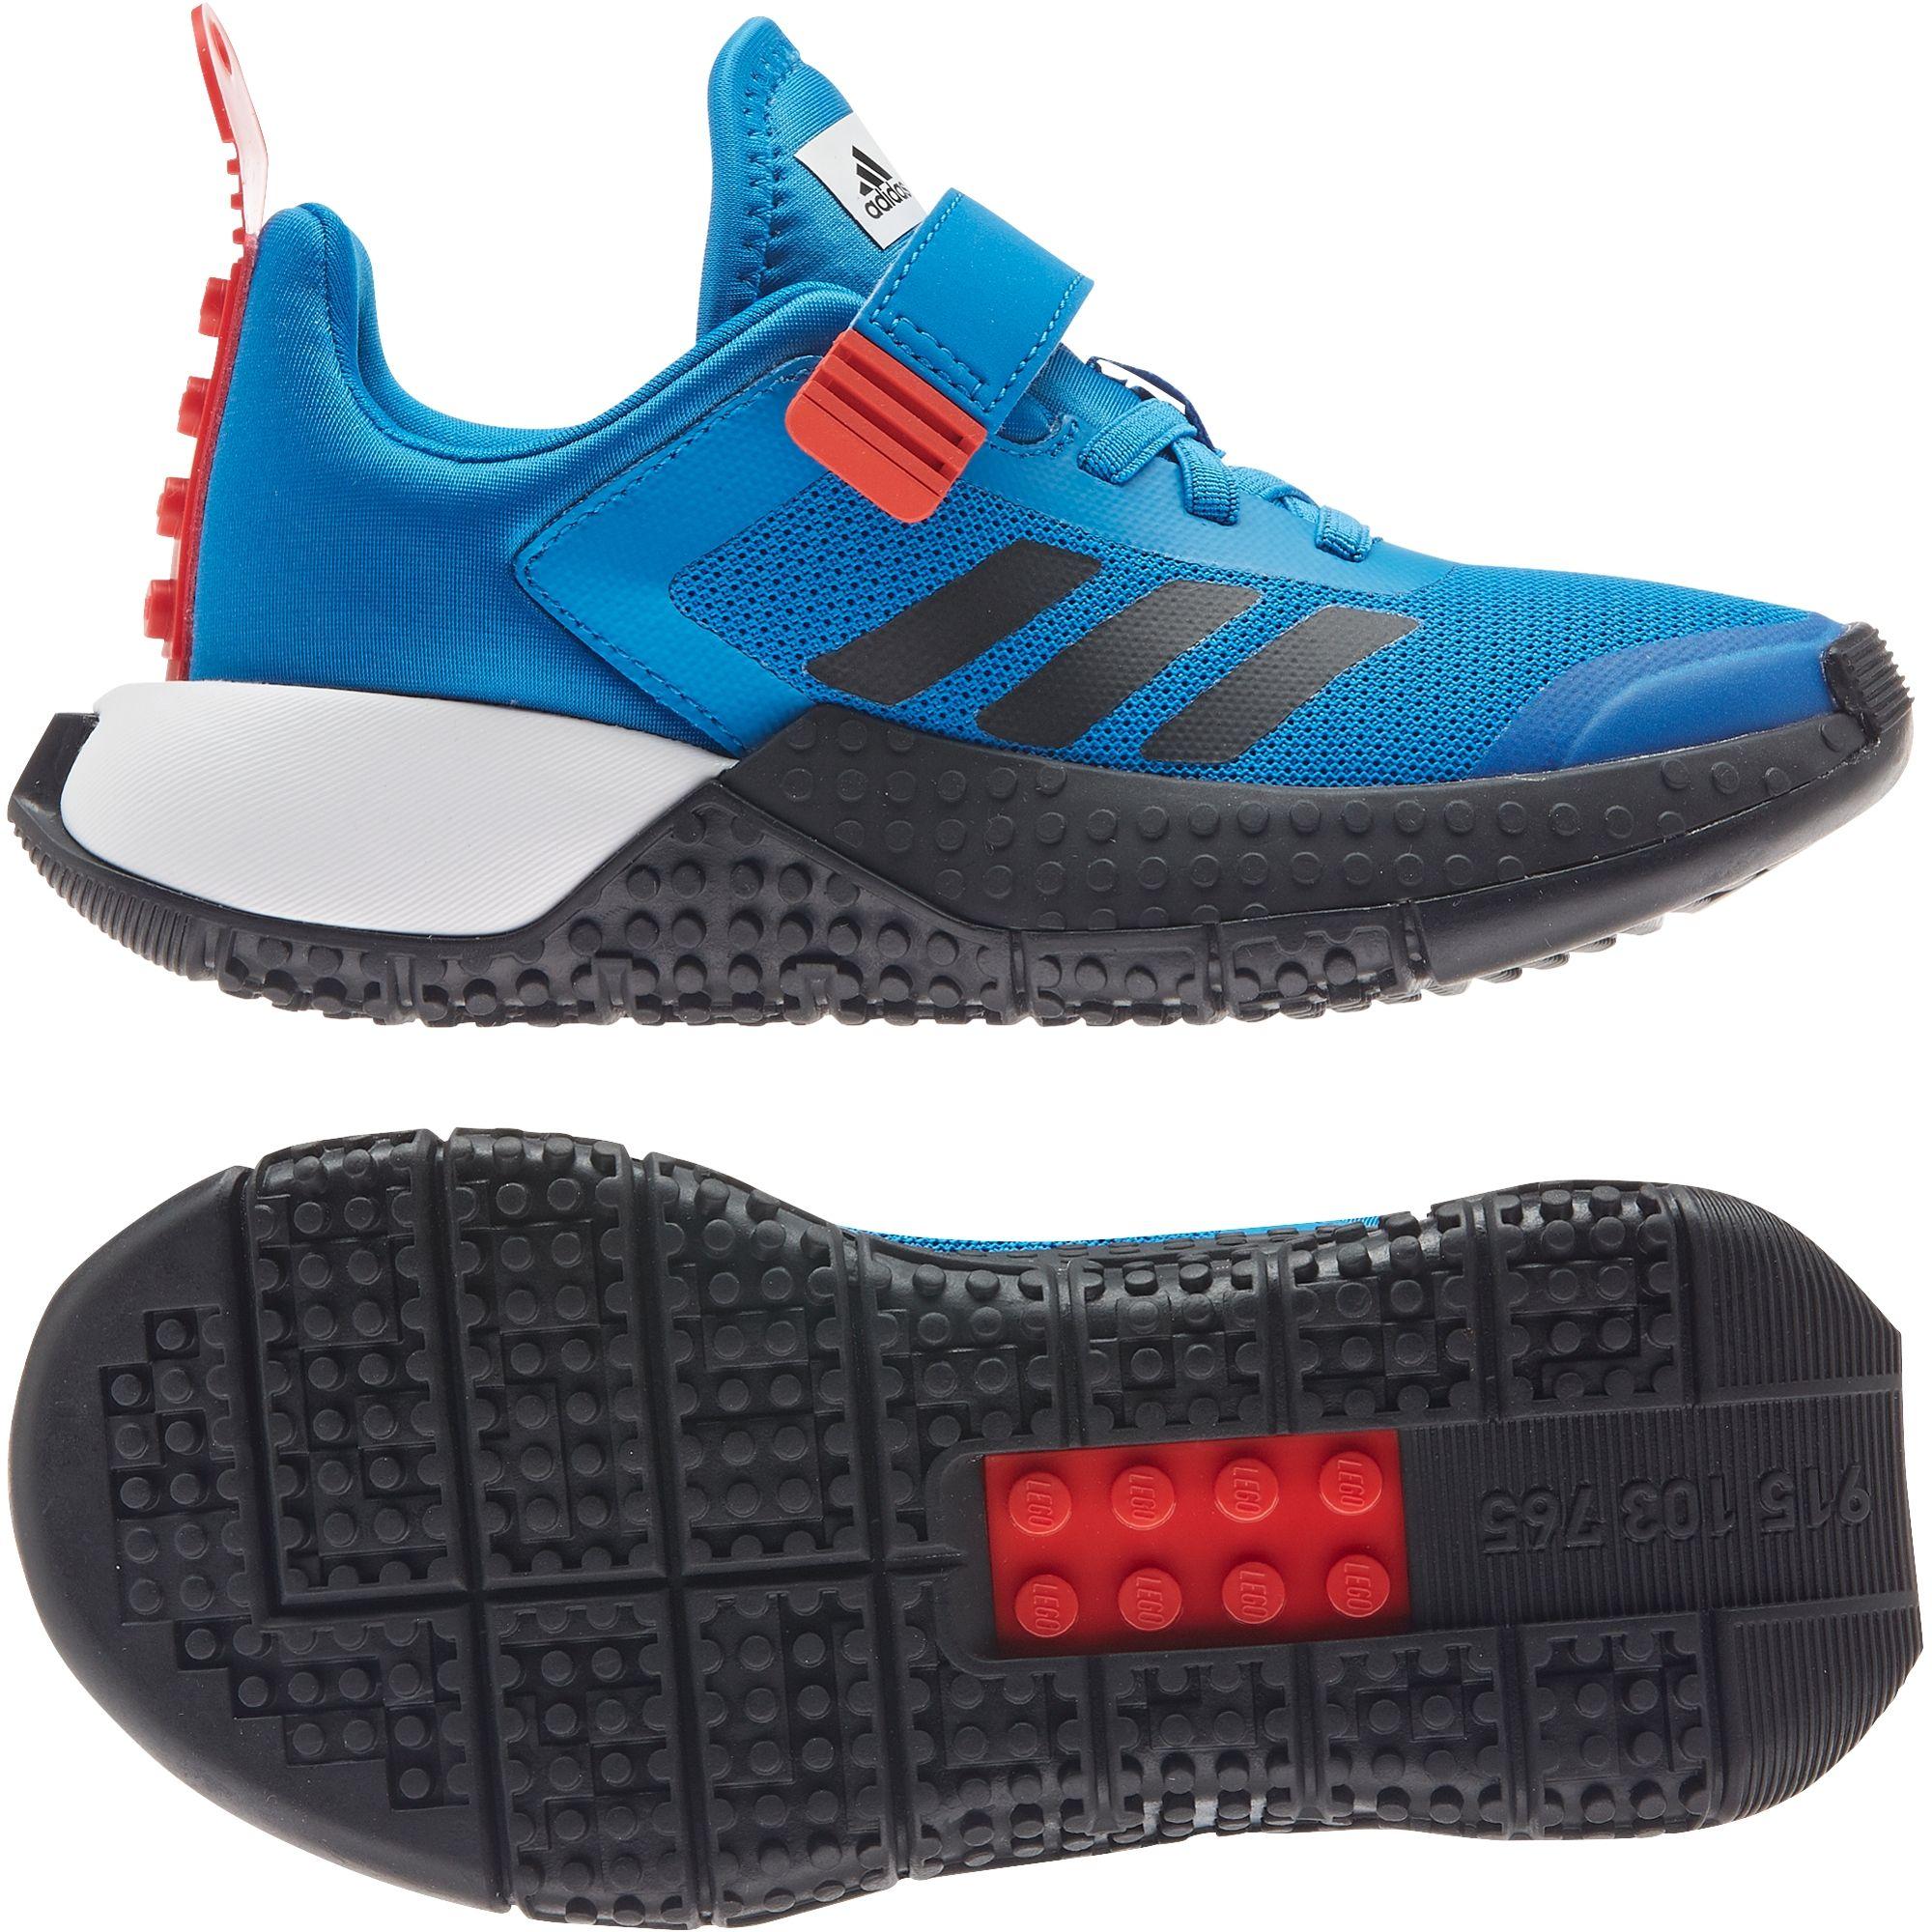 LEGO® Gear 5006532 adidas x LEGO® Sportschuhe für Kleinkinder